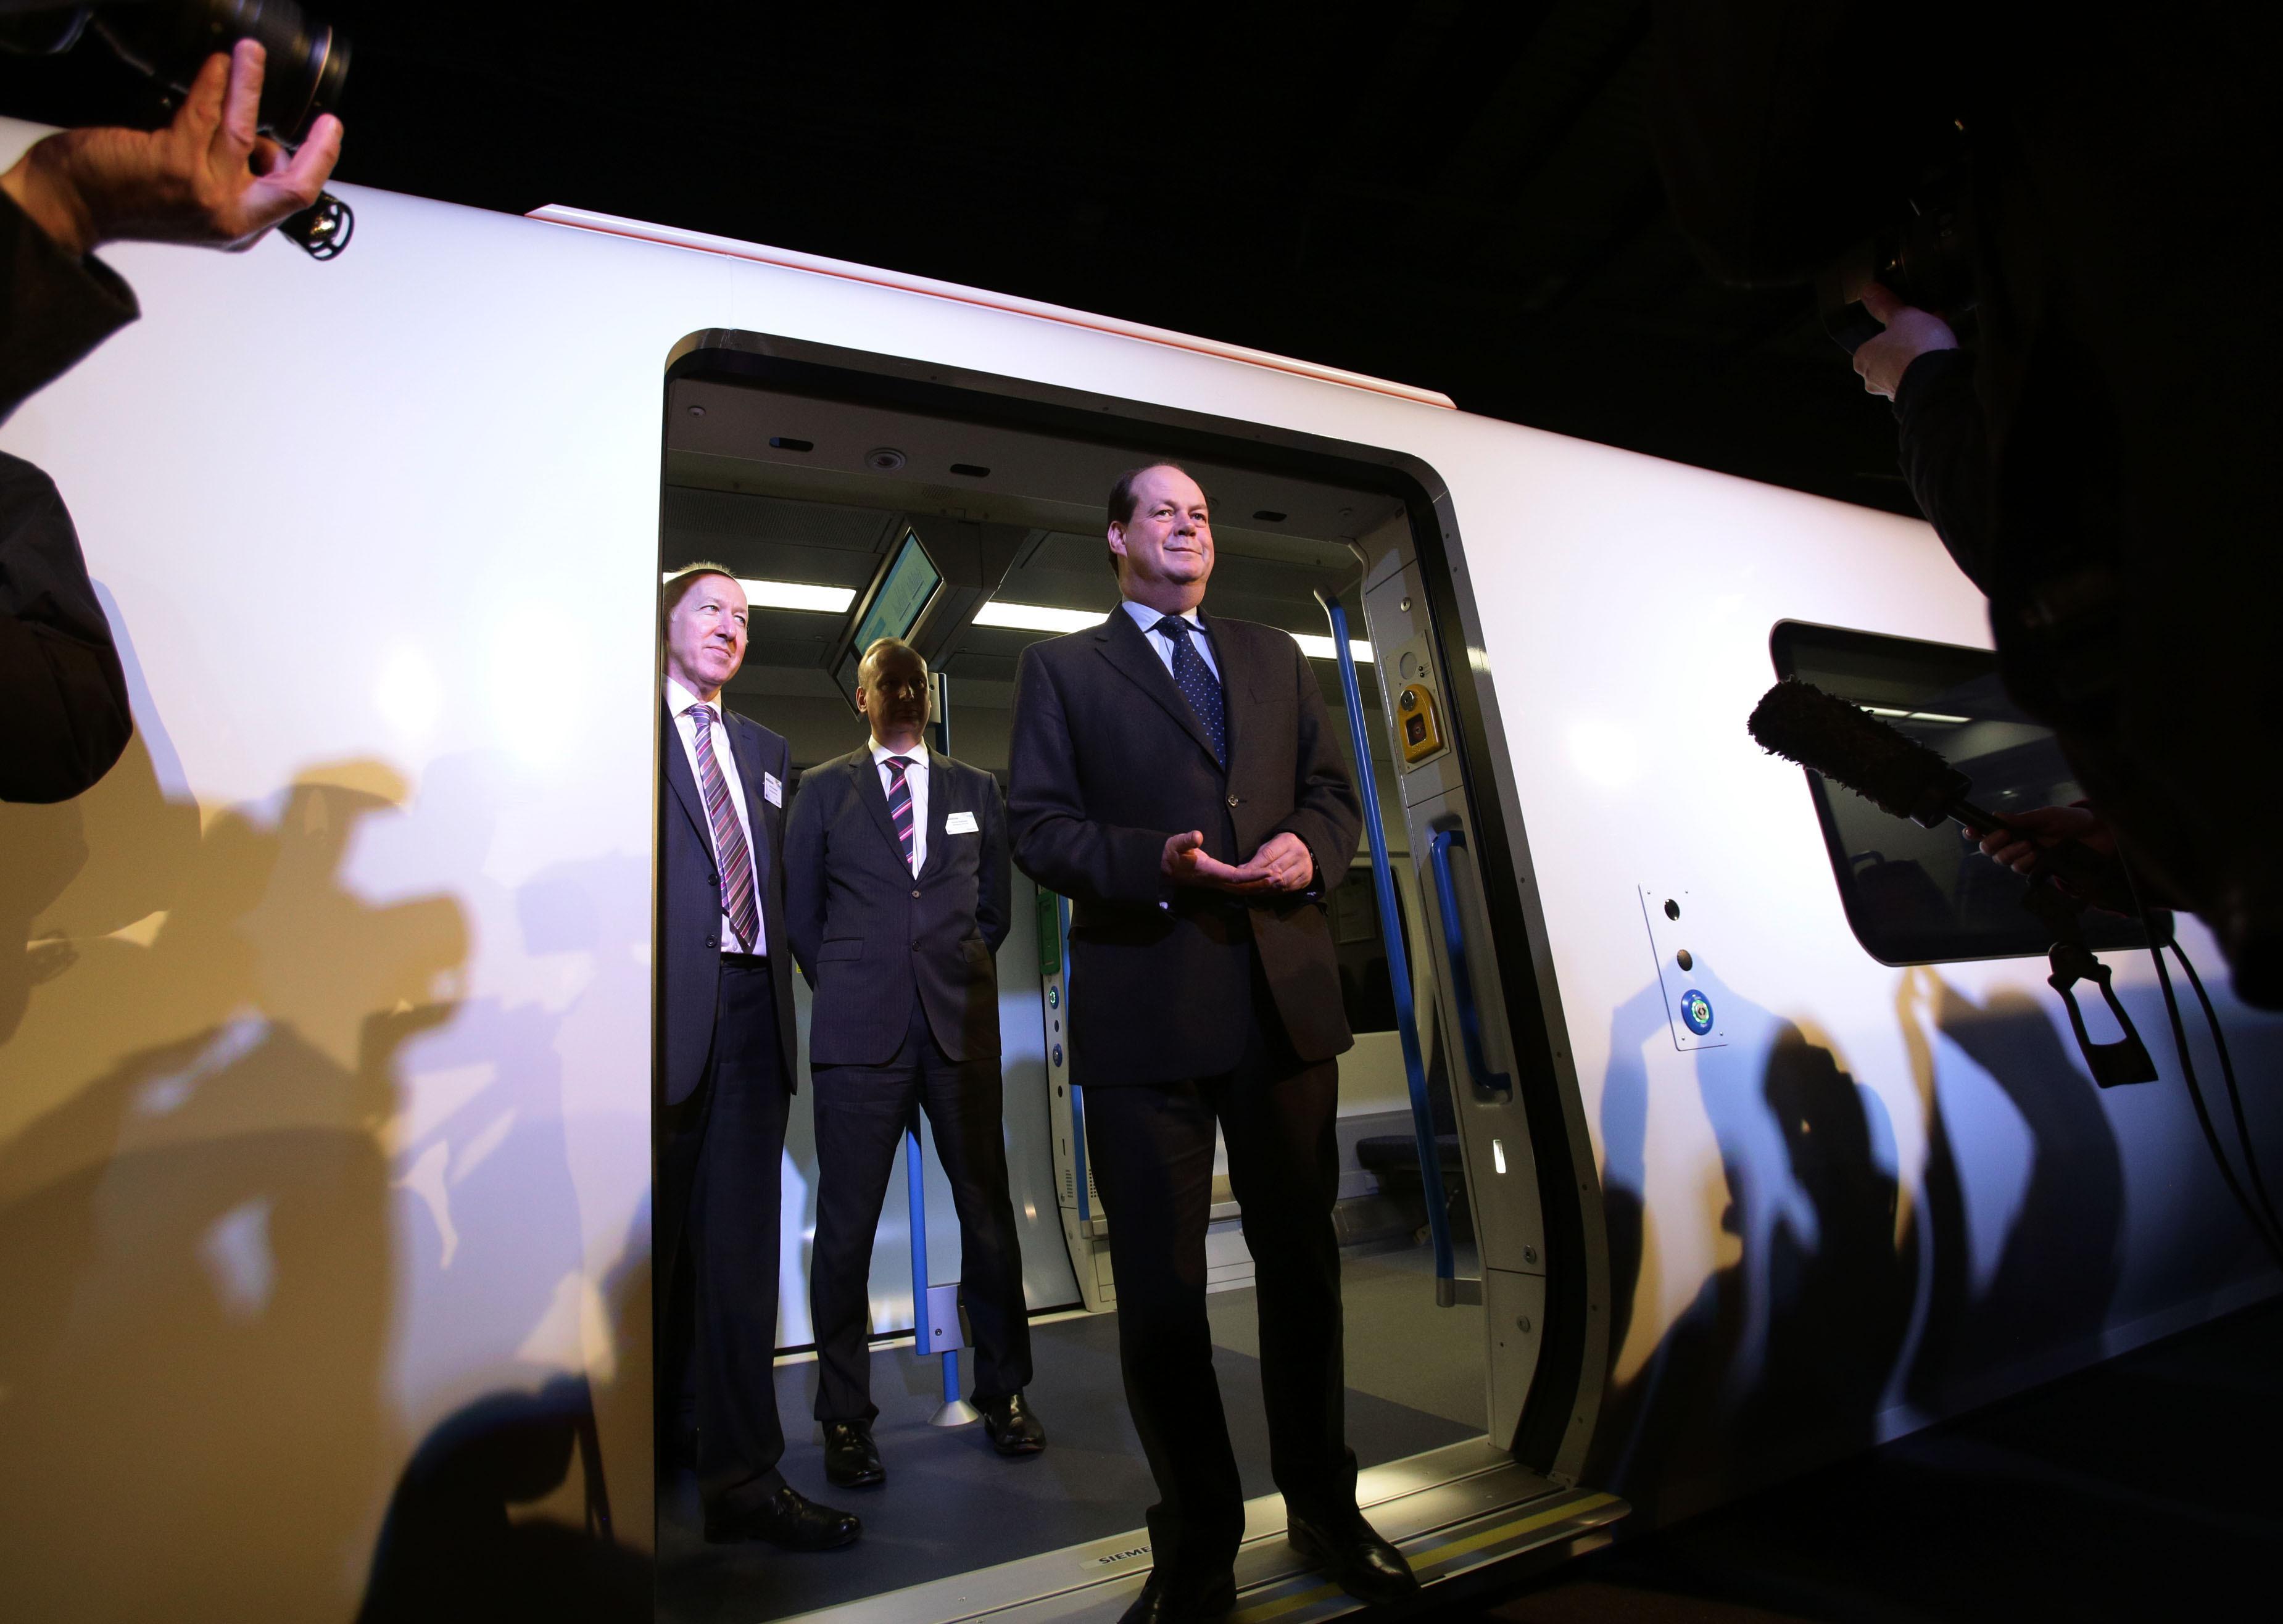 В Англии запустили 1-ый беспилотный пассажирский поезд